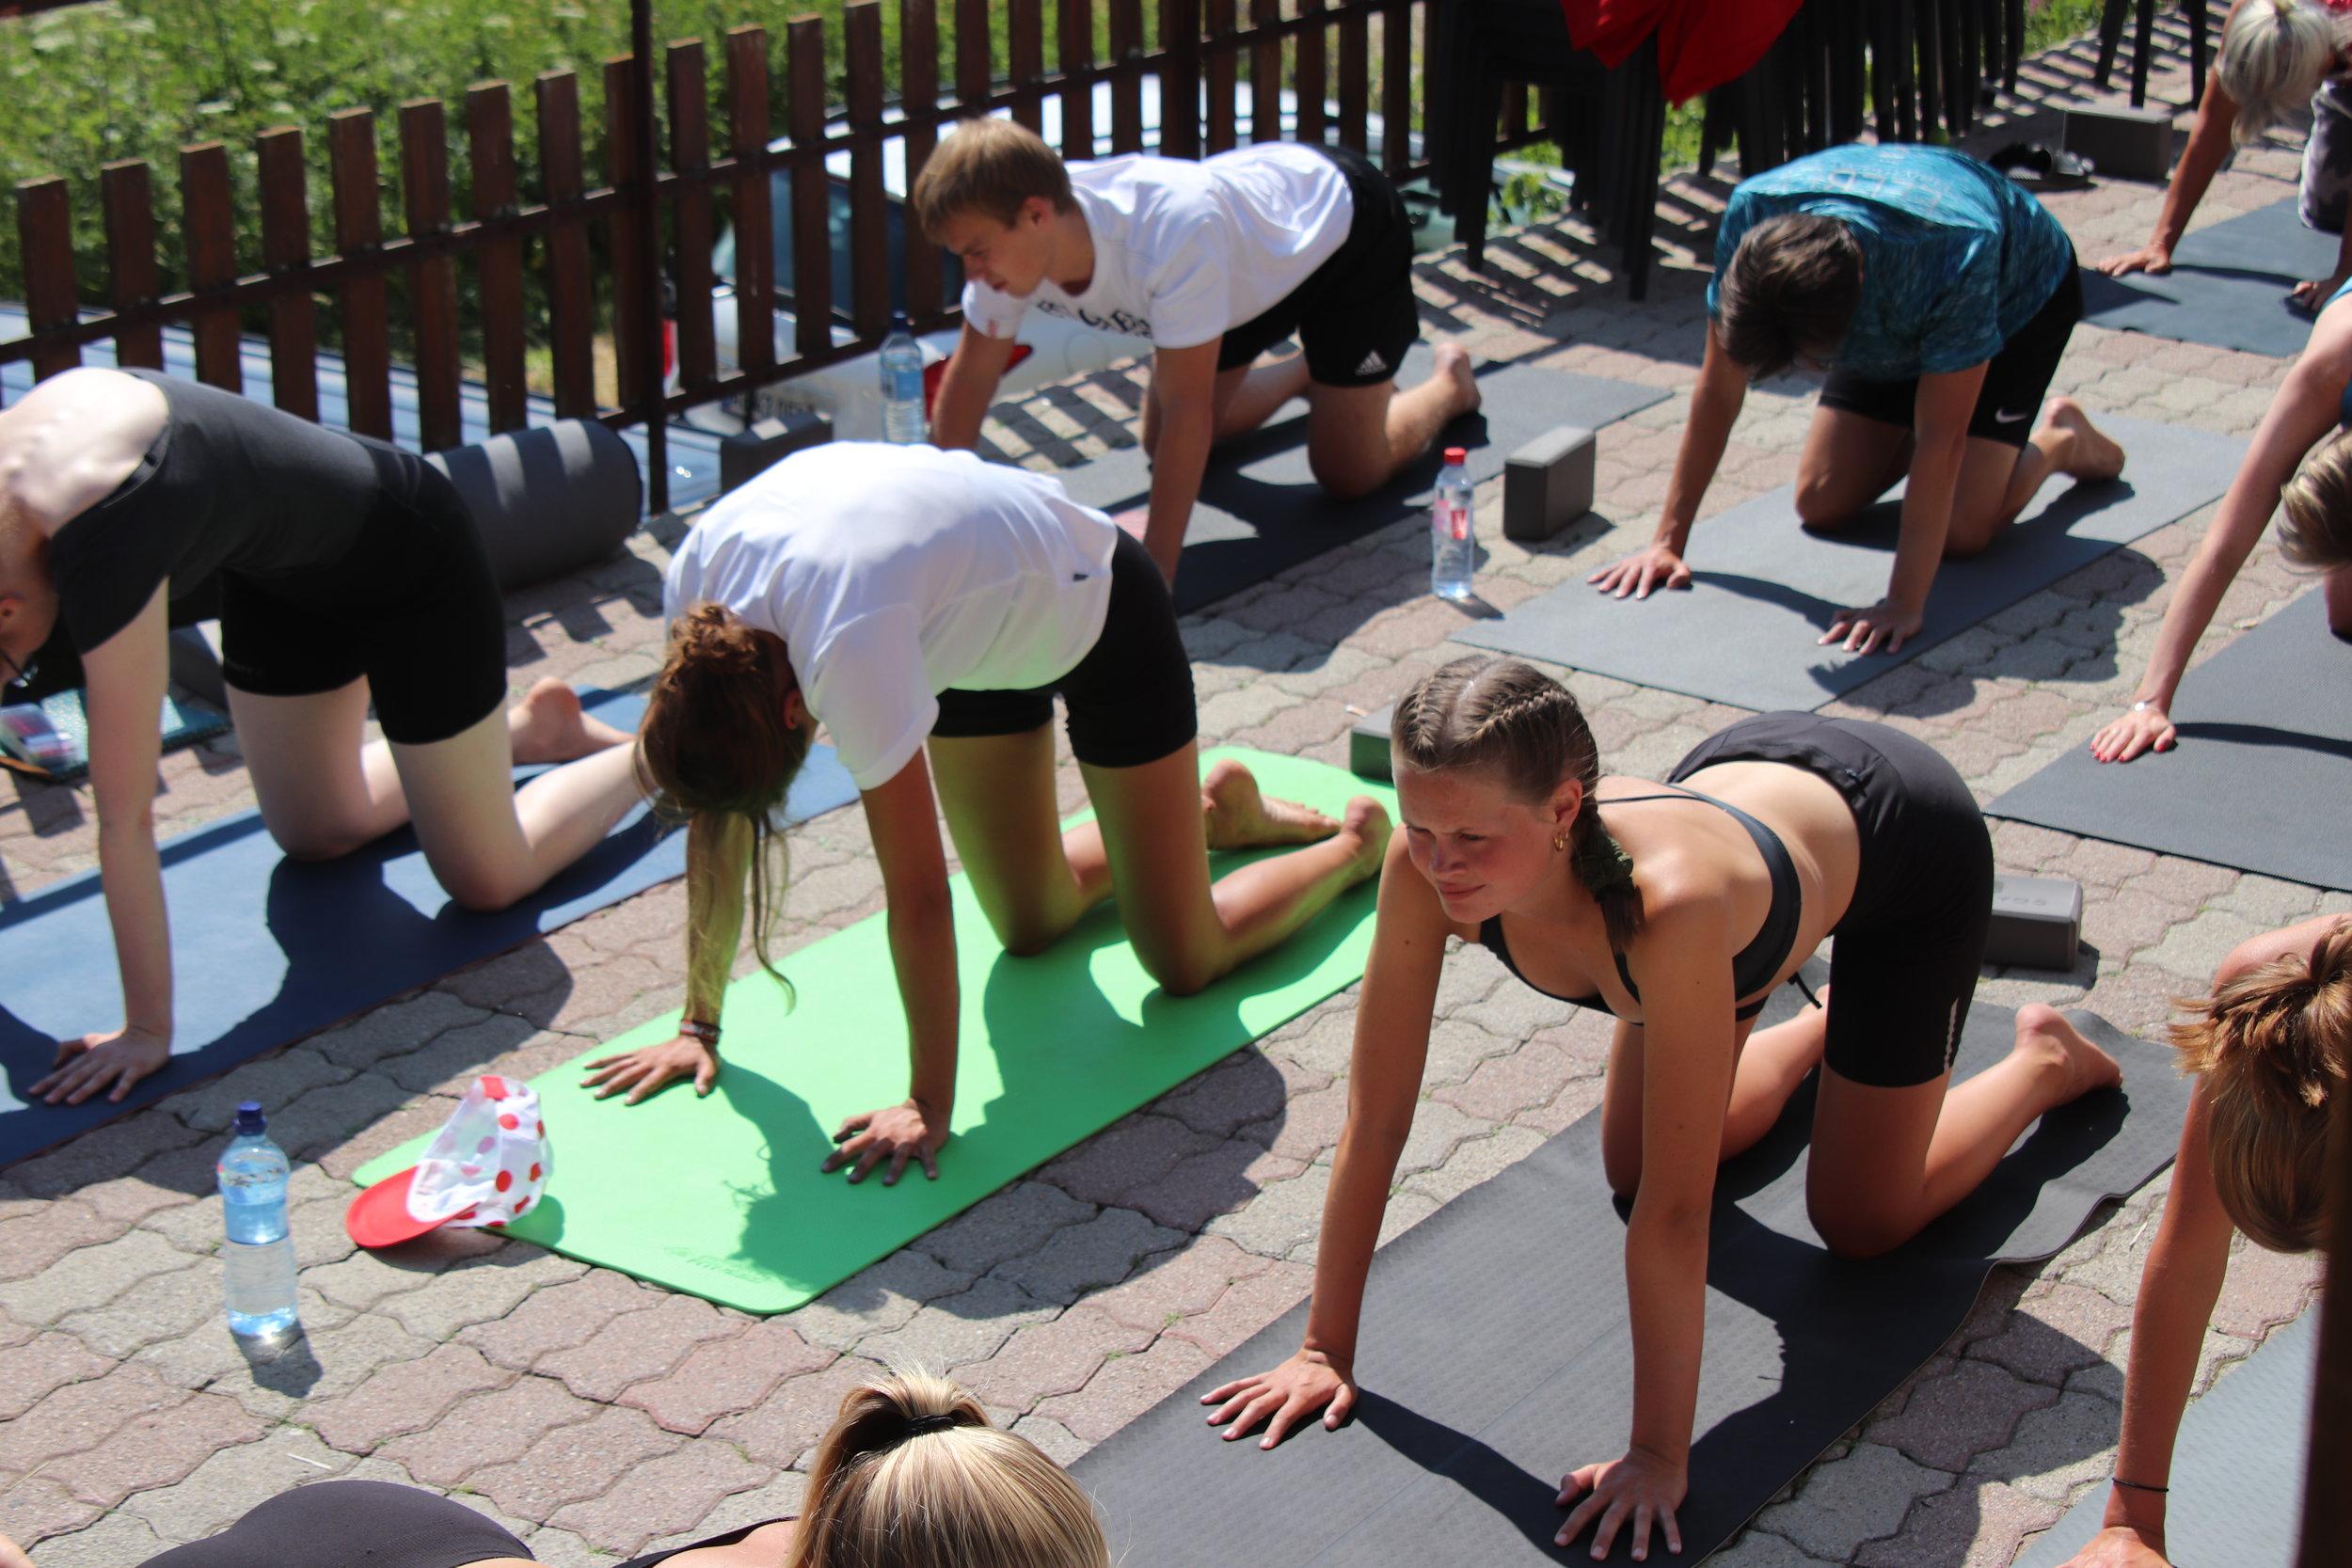 Yoga & meditation i sommerferien |  Sommerhøjskole med Alpehøjskolen - en højskole i udlandet |  Tour De France